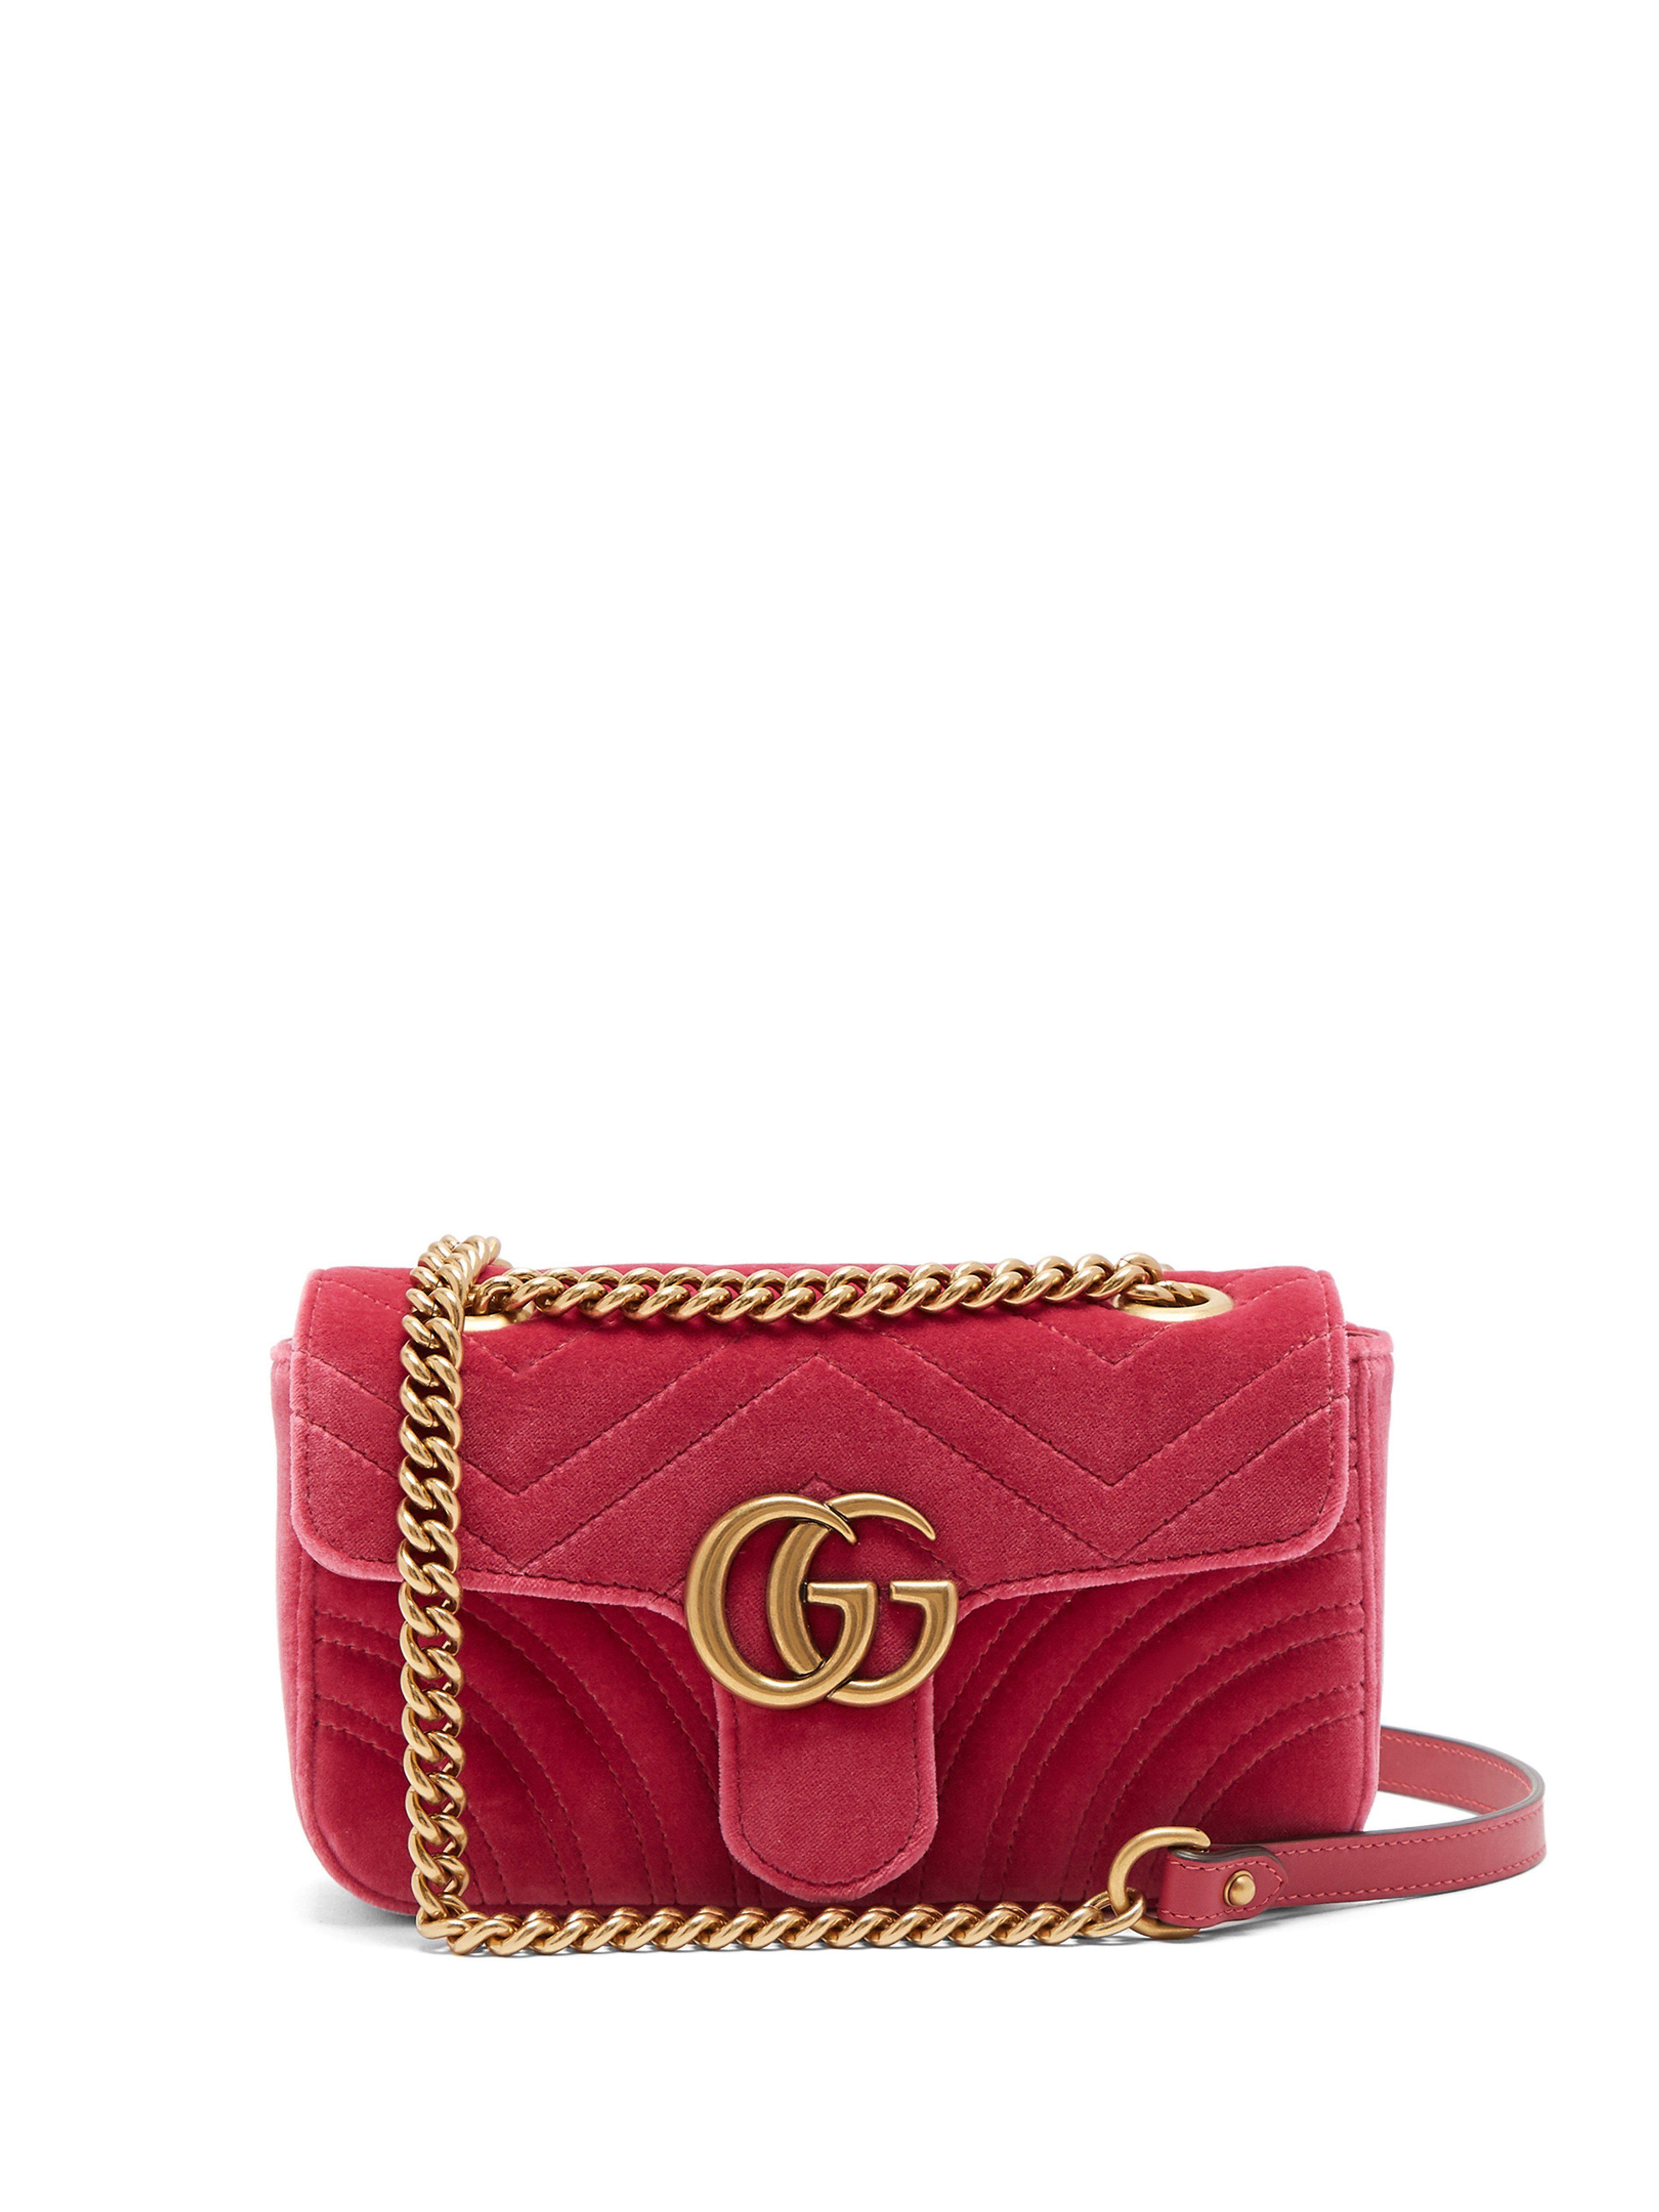 4f8036c9 Women's Pink GG Marmont Velvet Shoulder Bag in 2019 | shoulder bags ...